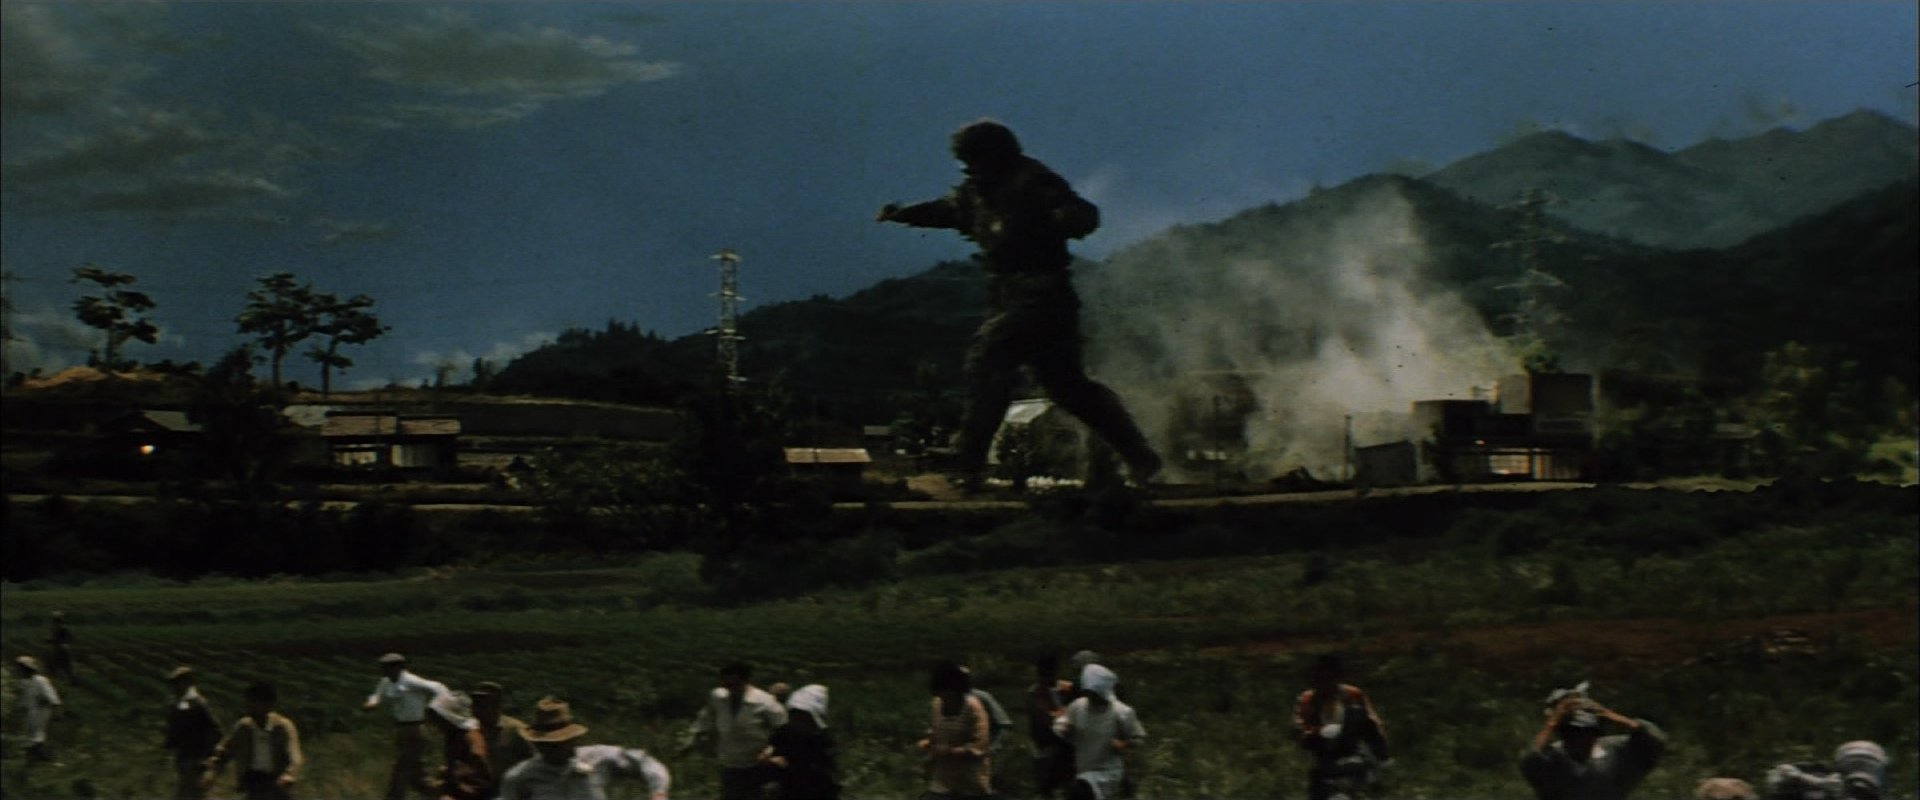 フランケンシュタインの怪獣 サンダ対ガイラ ガイラ走る村人逃げる